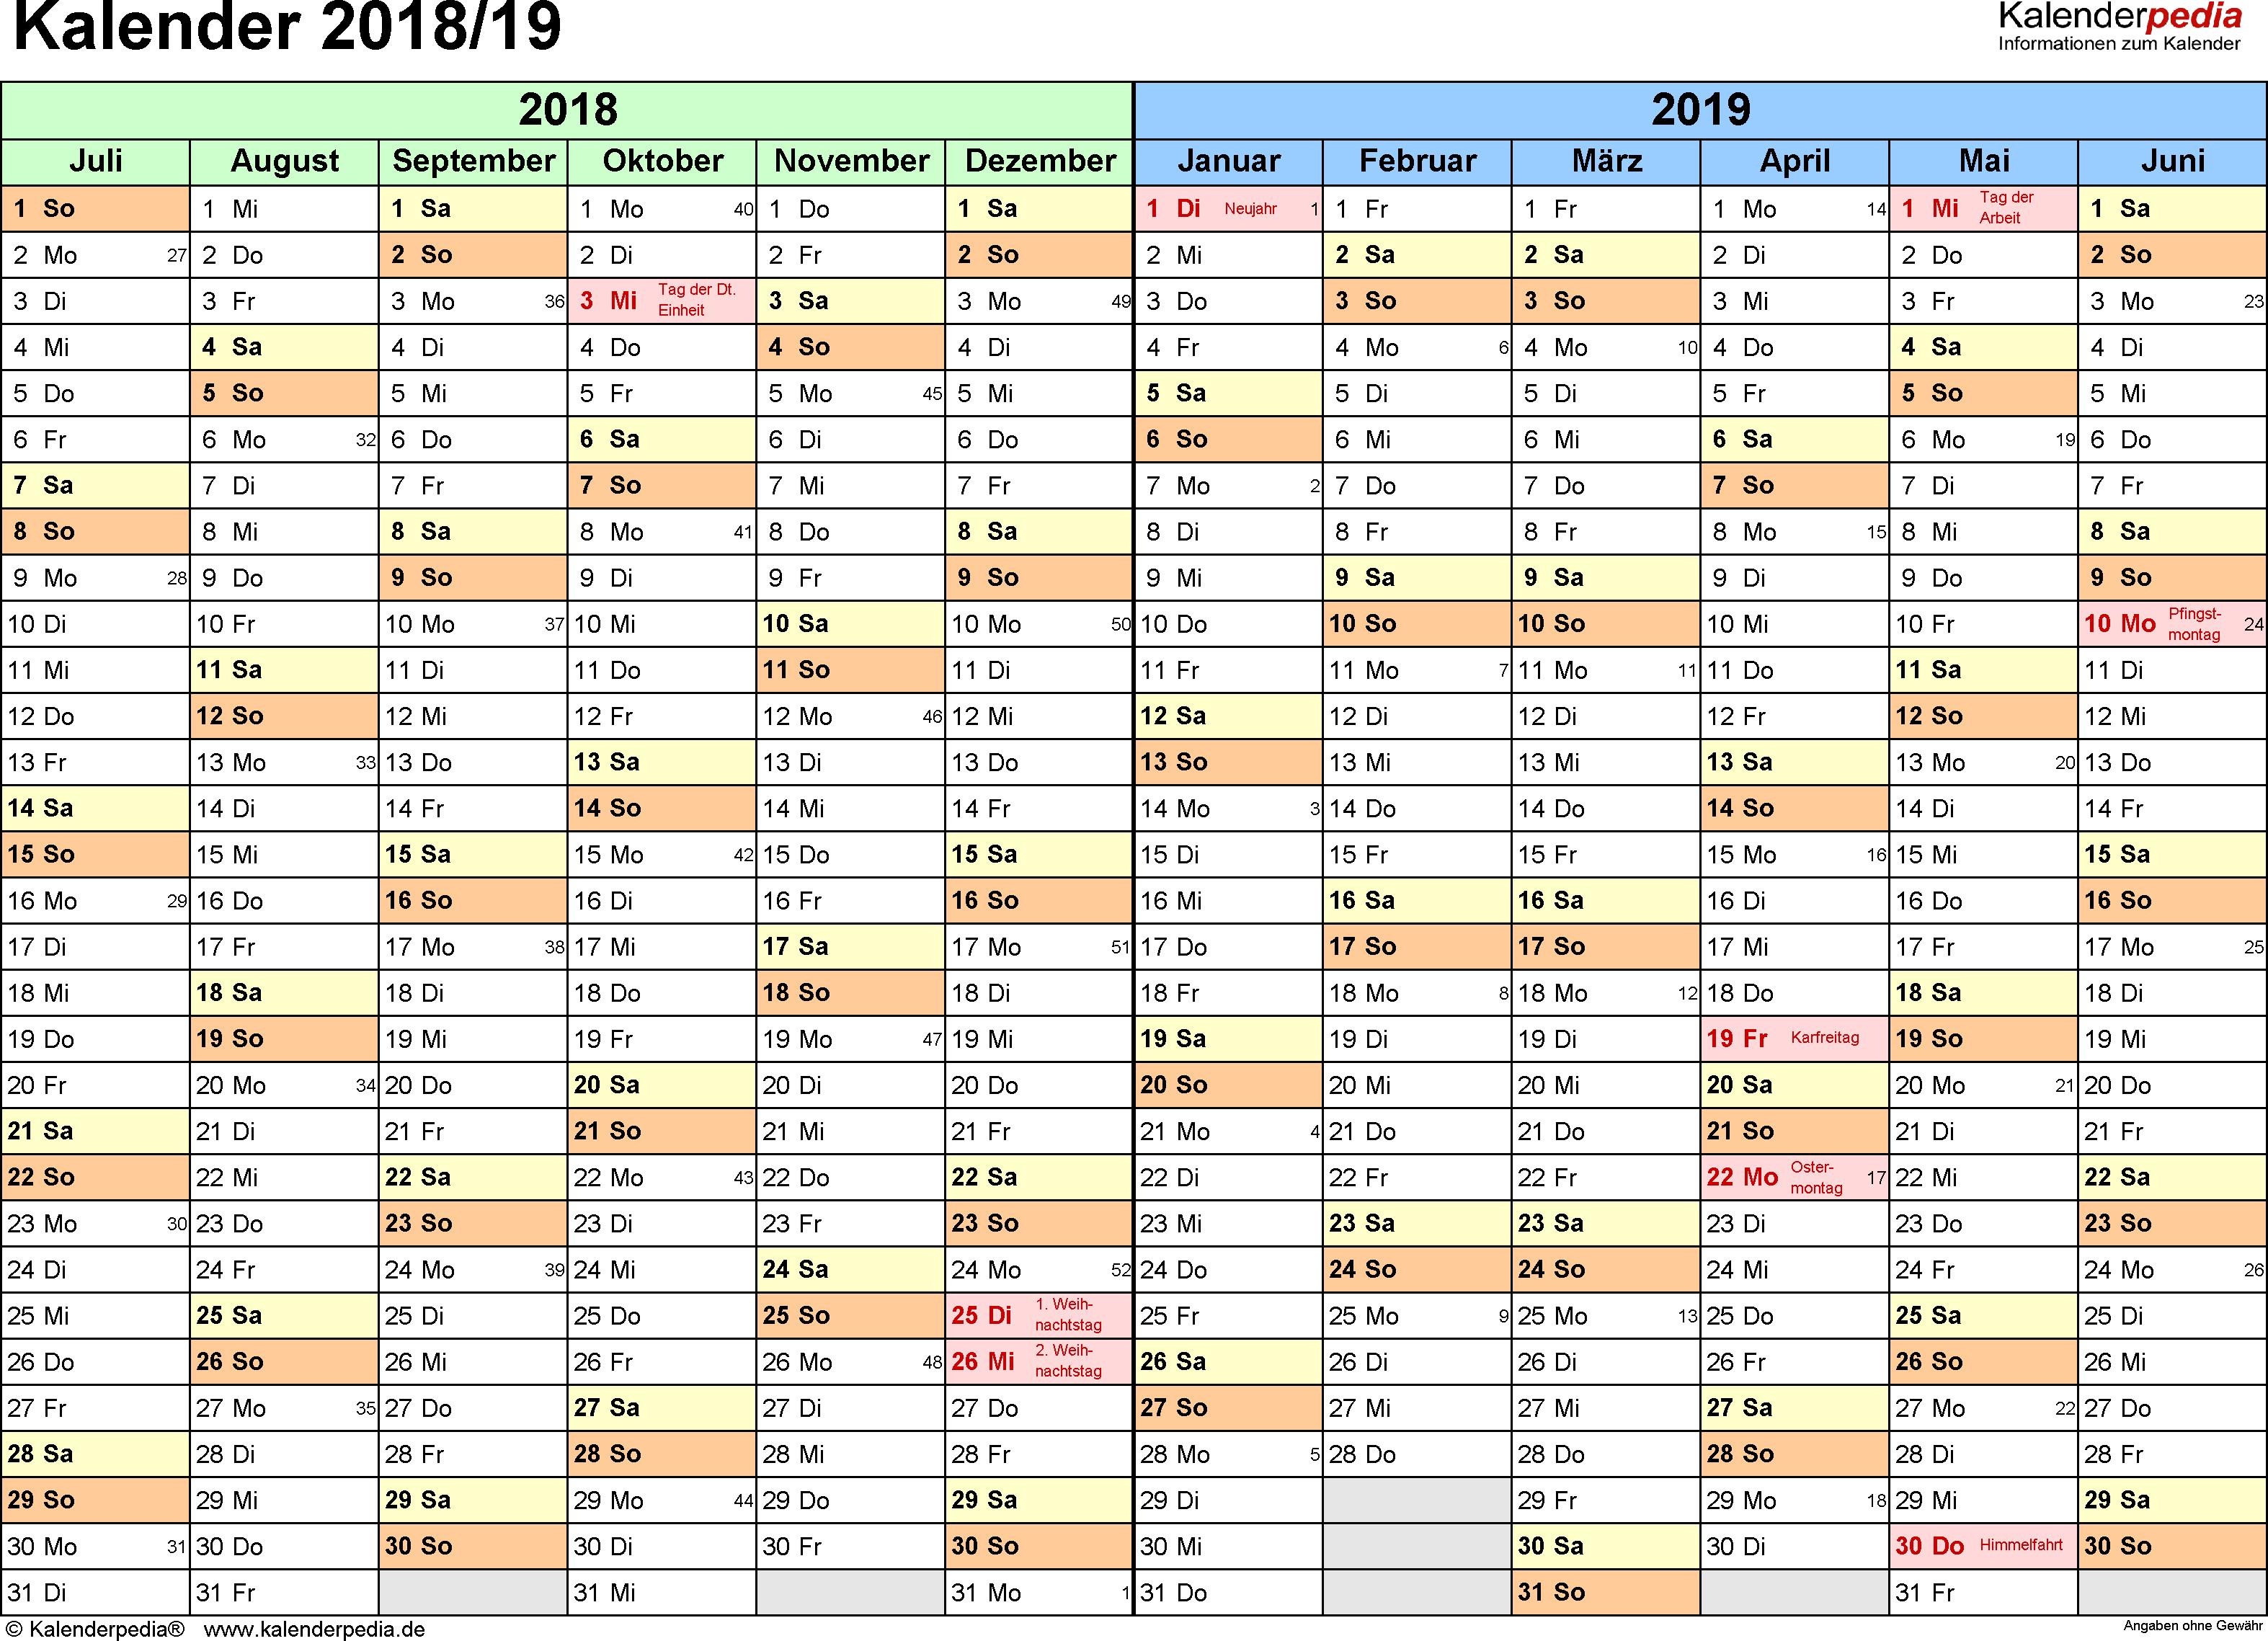 PDF-Vorlage für Halbjahr-Kalender 2018/2019 (Querformat, 1 Seite, Monate waagerecht)